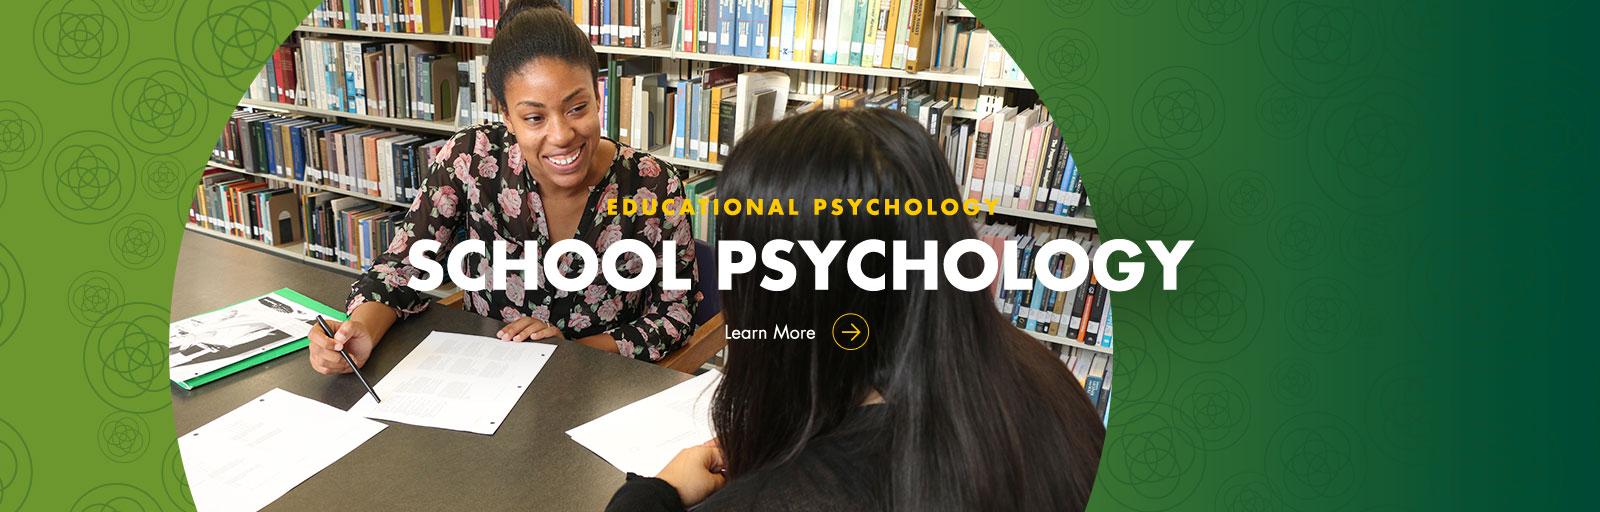 soe-mc_edp-School-Psychology